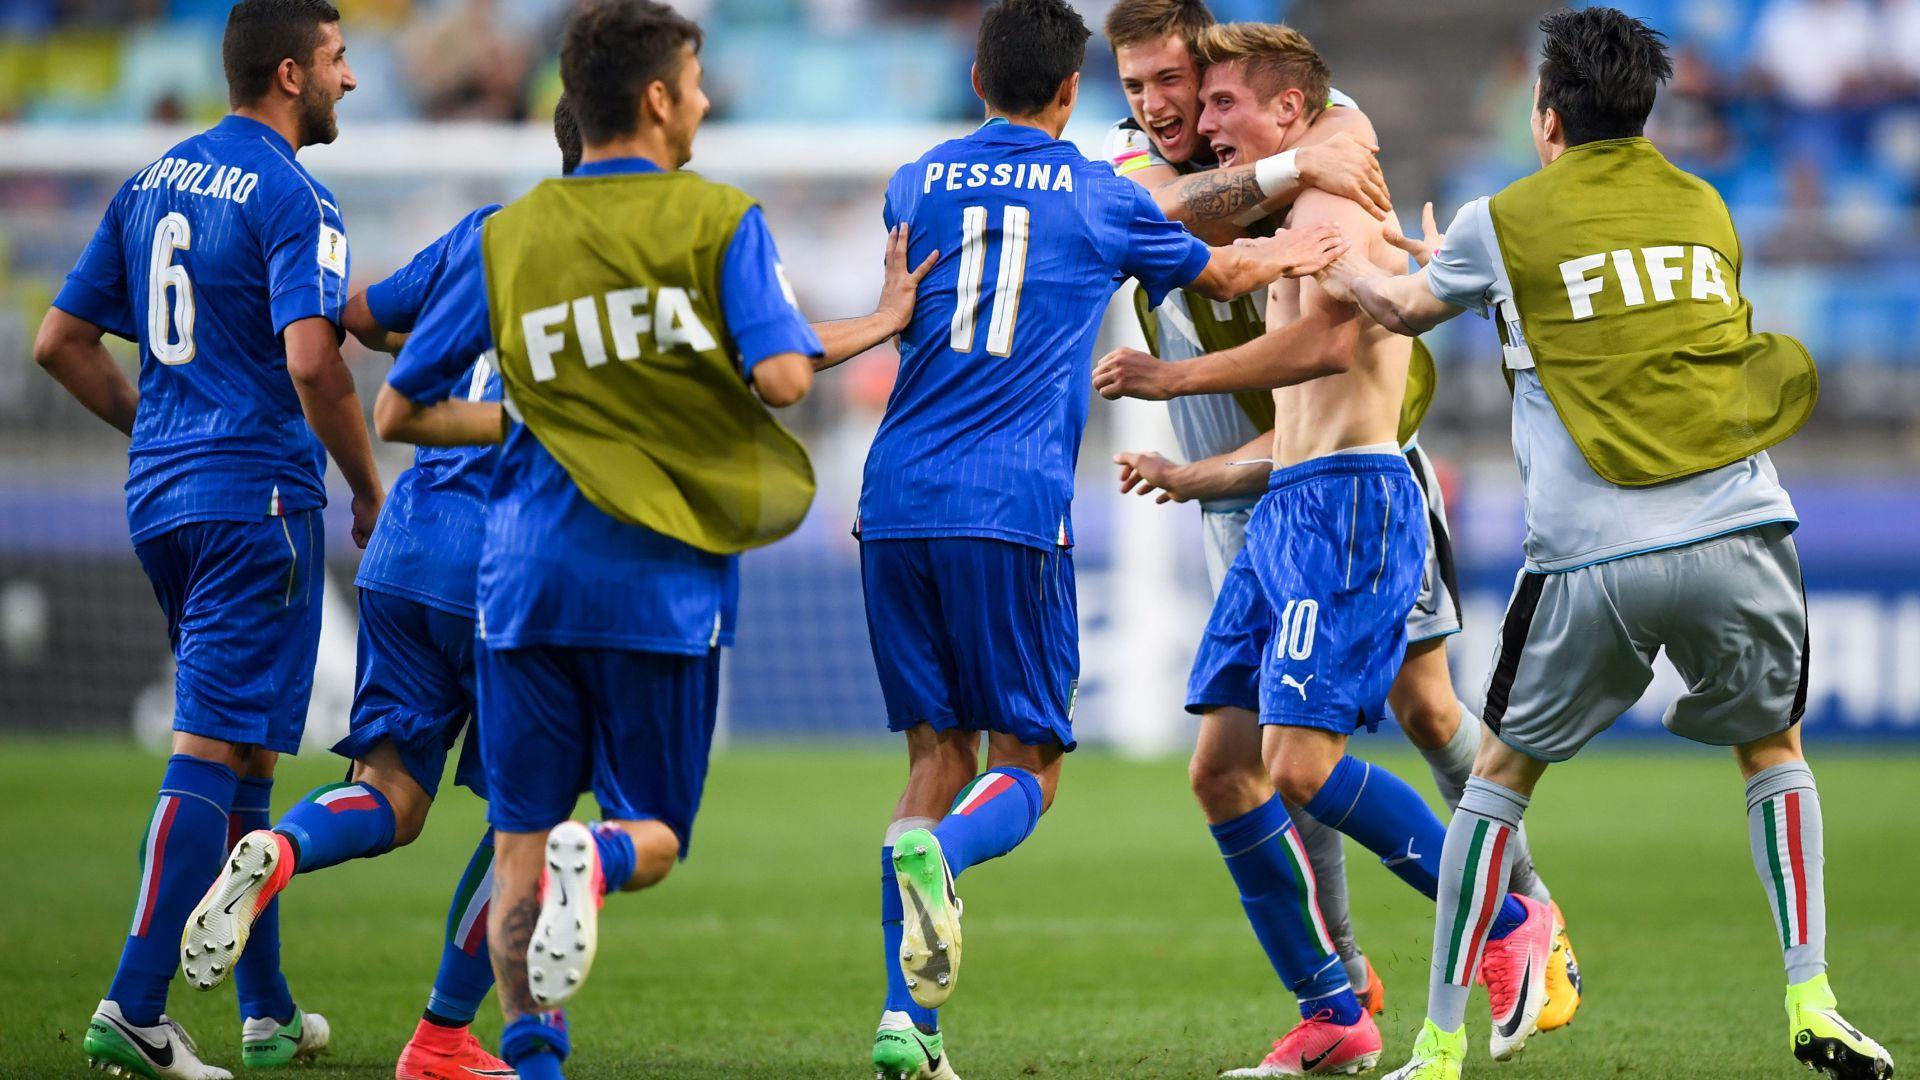 Mondiale Under 20, Venezuela in finale: battuto ai rigori l'Uruguay